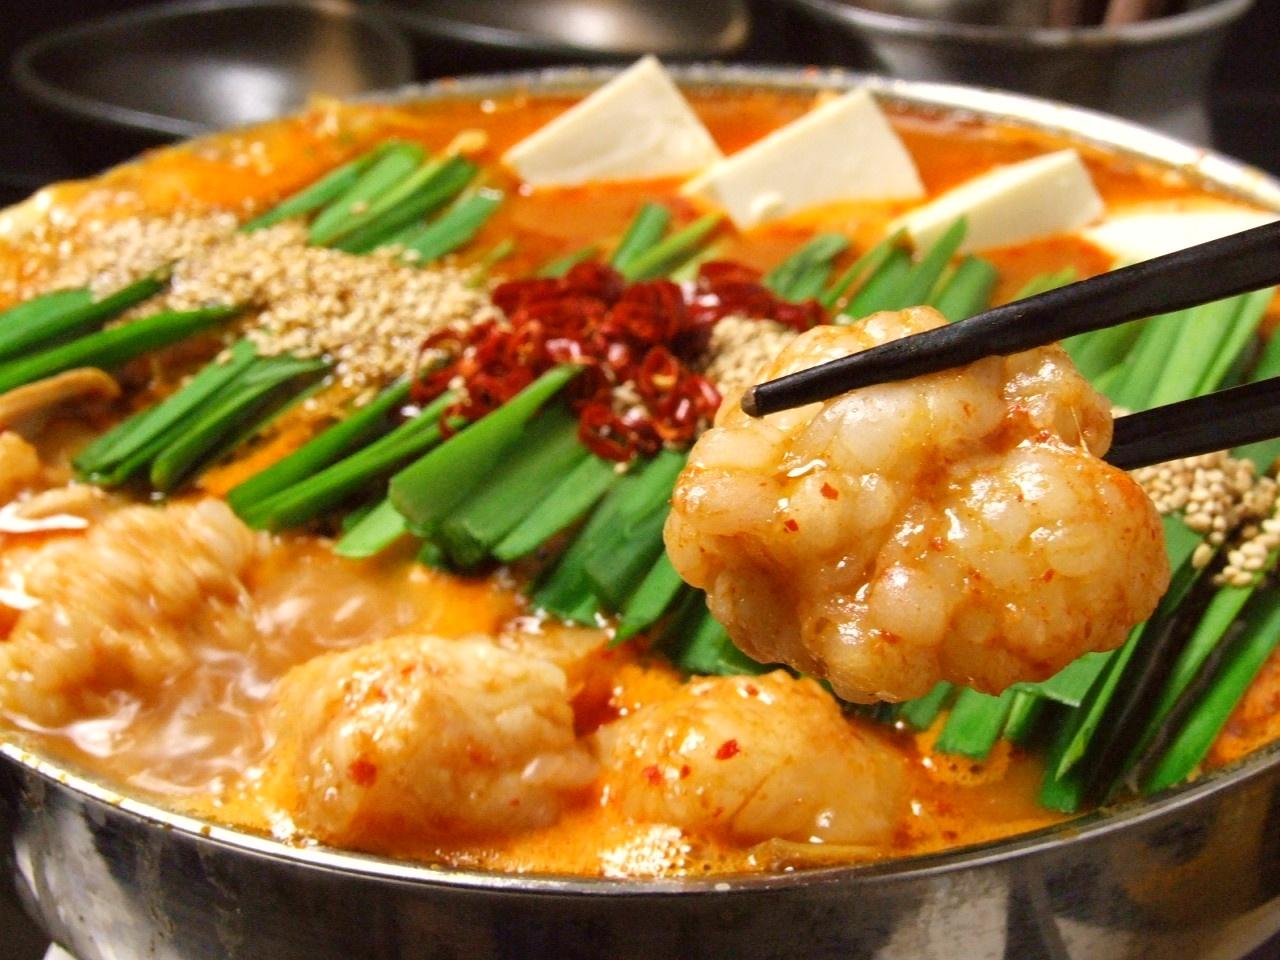 作り方はいたって簡単。お料理上手に見せられる鍋ご紹介します。のサムネイル画像